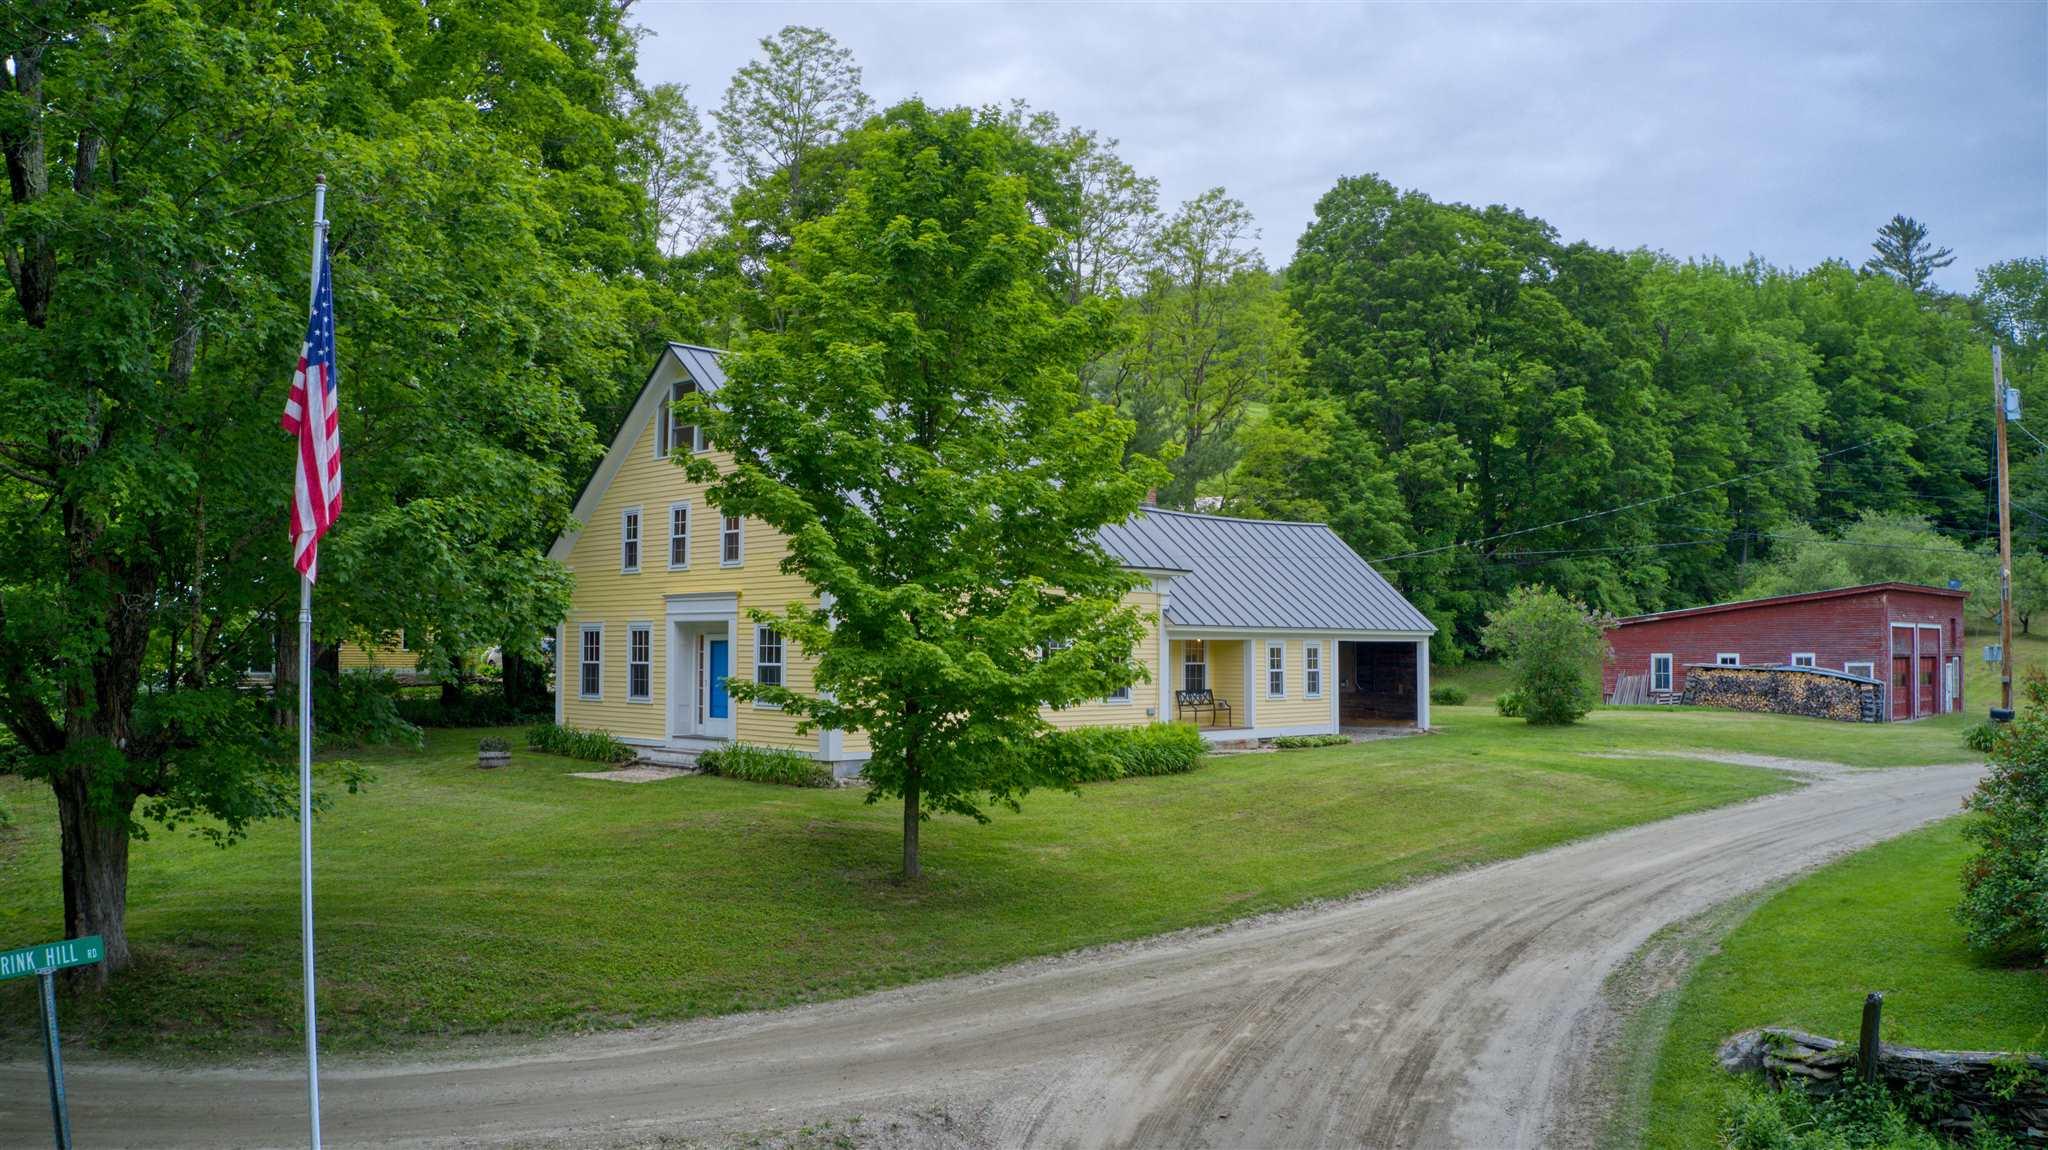 1896 Brink Hill Road Bethel VT 05032